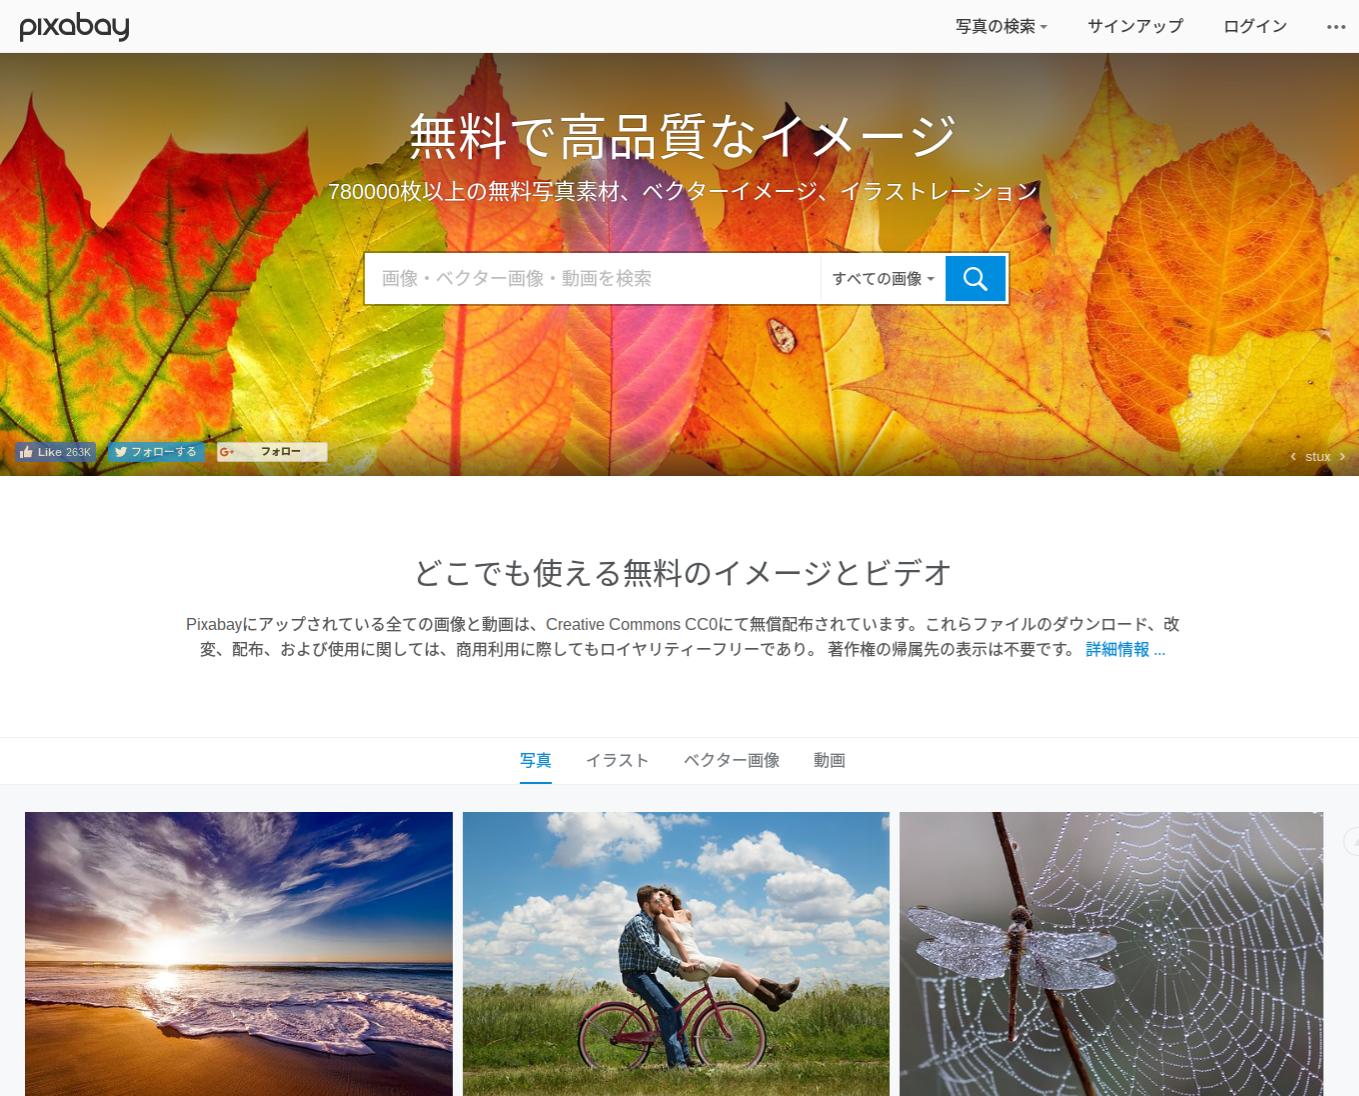 screencapture-pixabay-ja-1477888803378